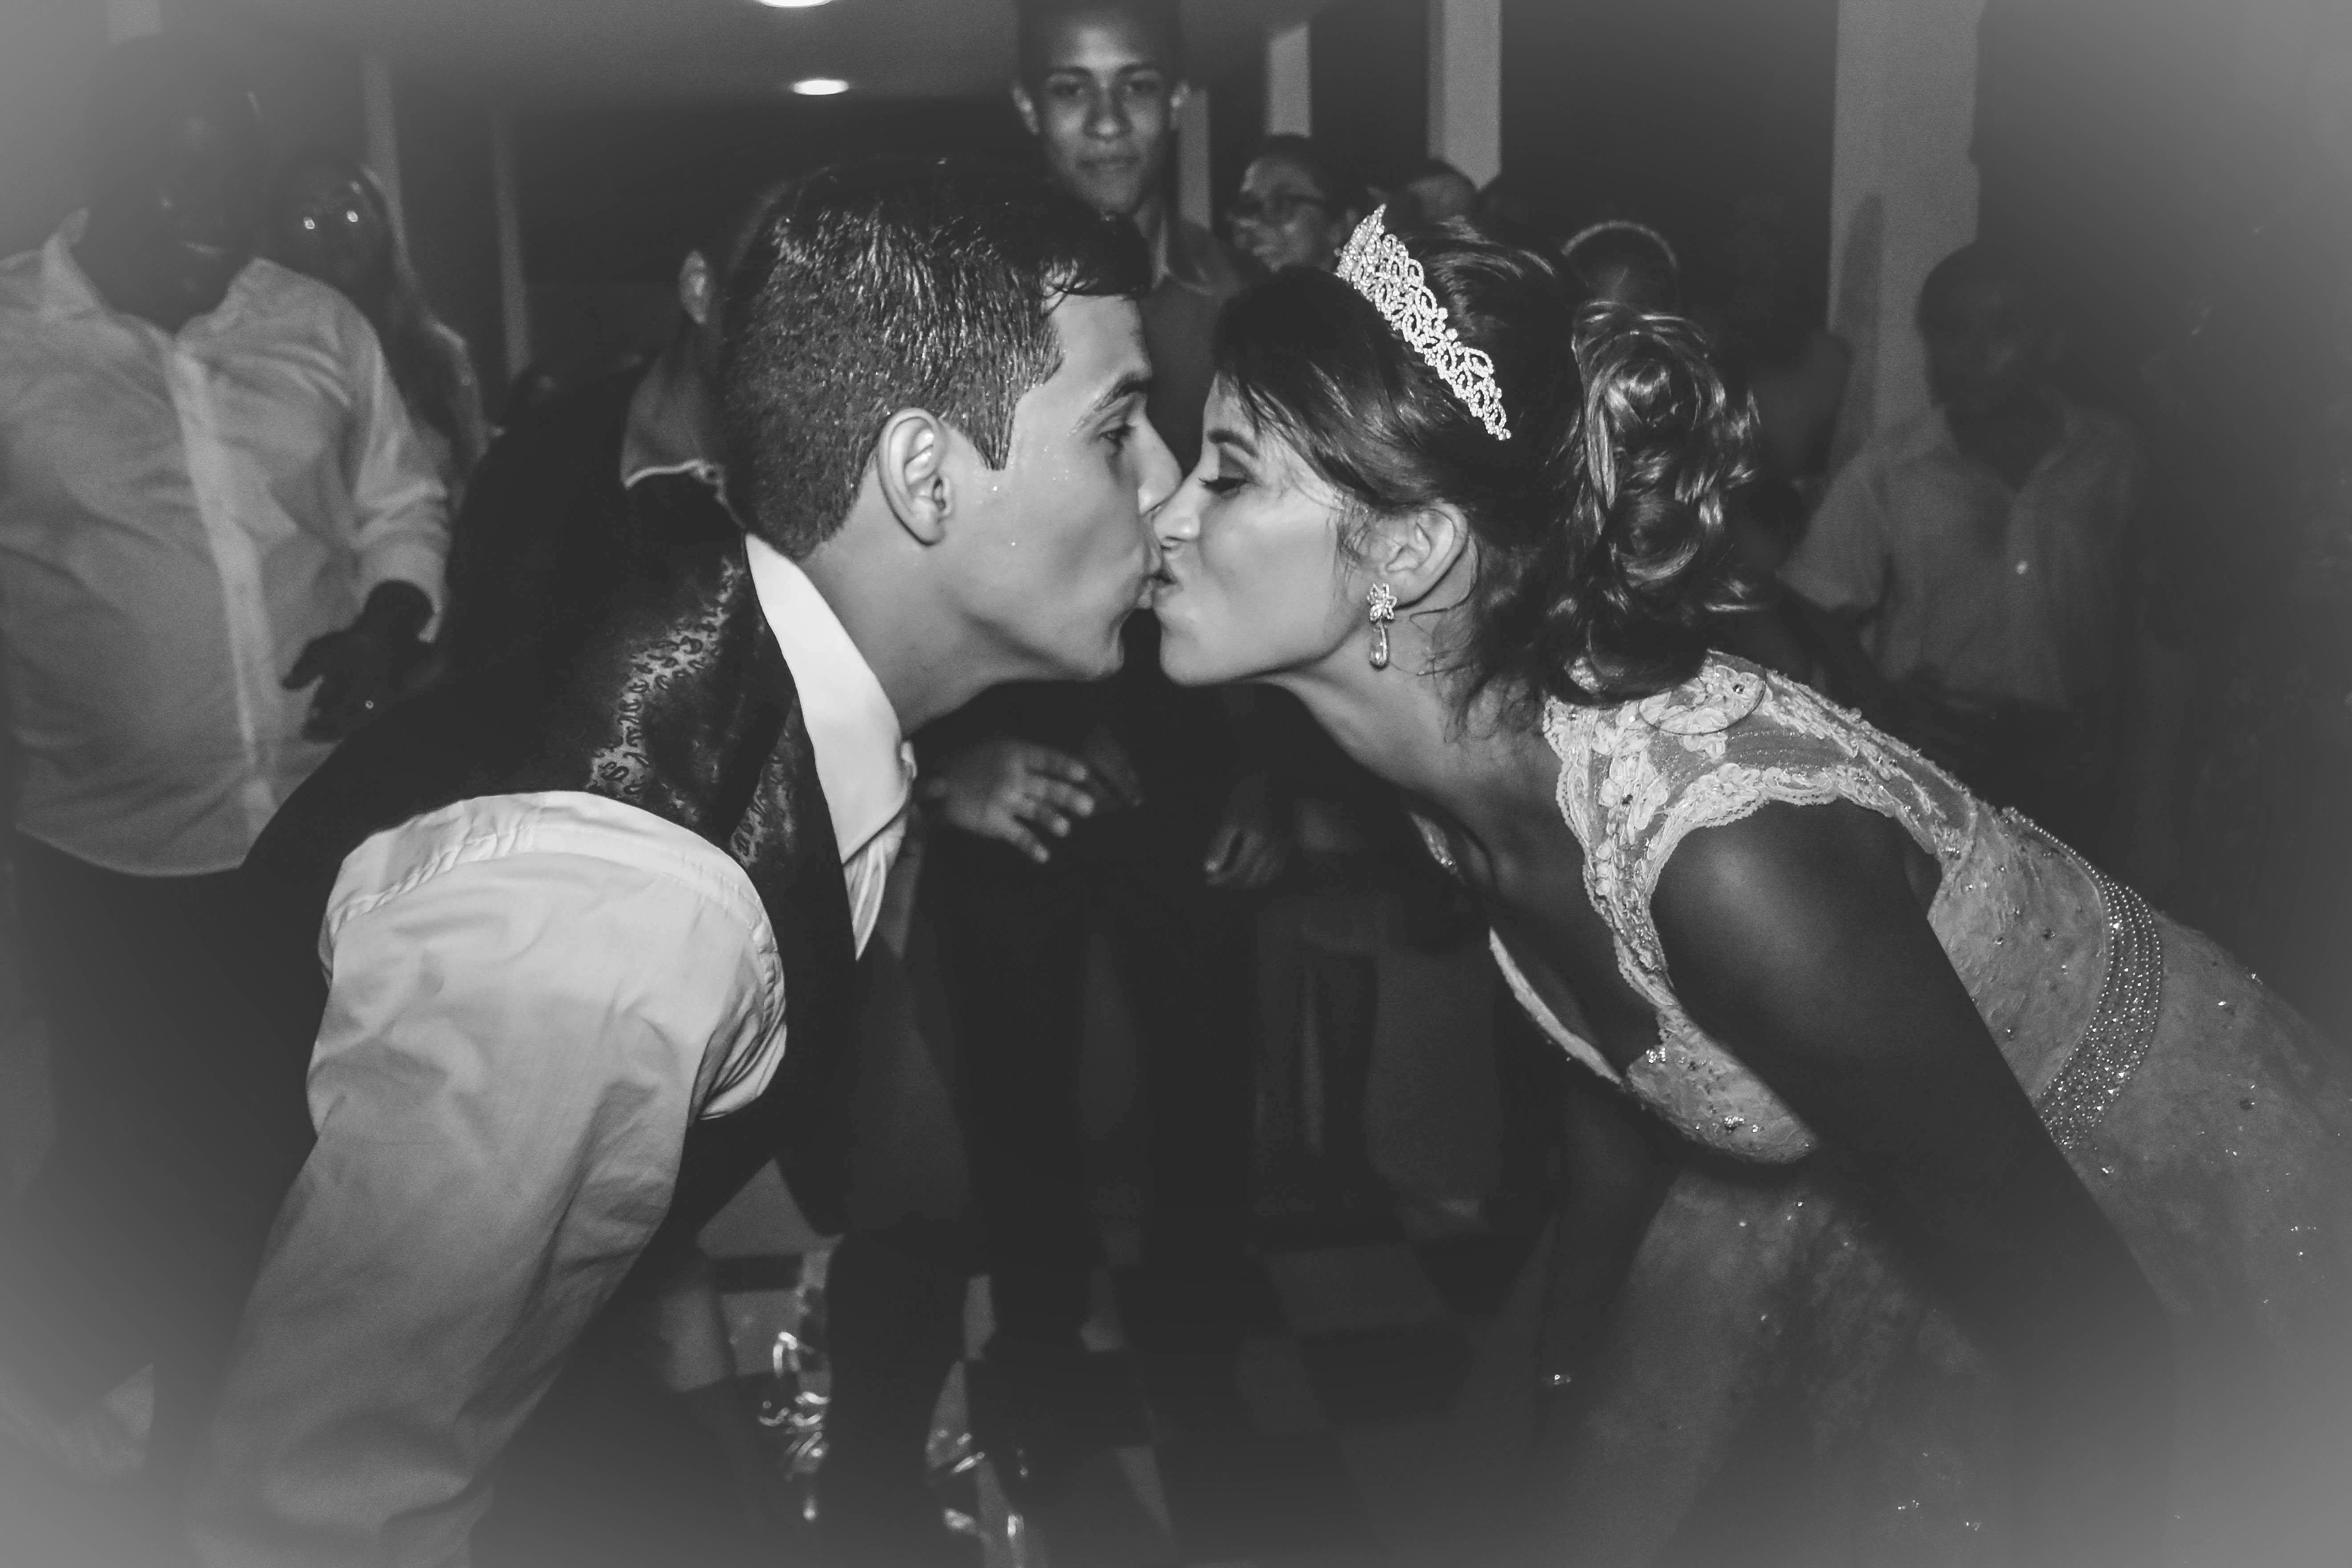 Fotografia de casamento Vitoria ES - Find a Click Fotografia casamento ES-30